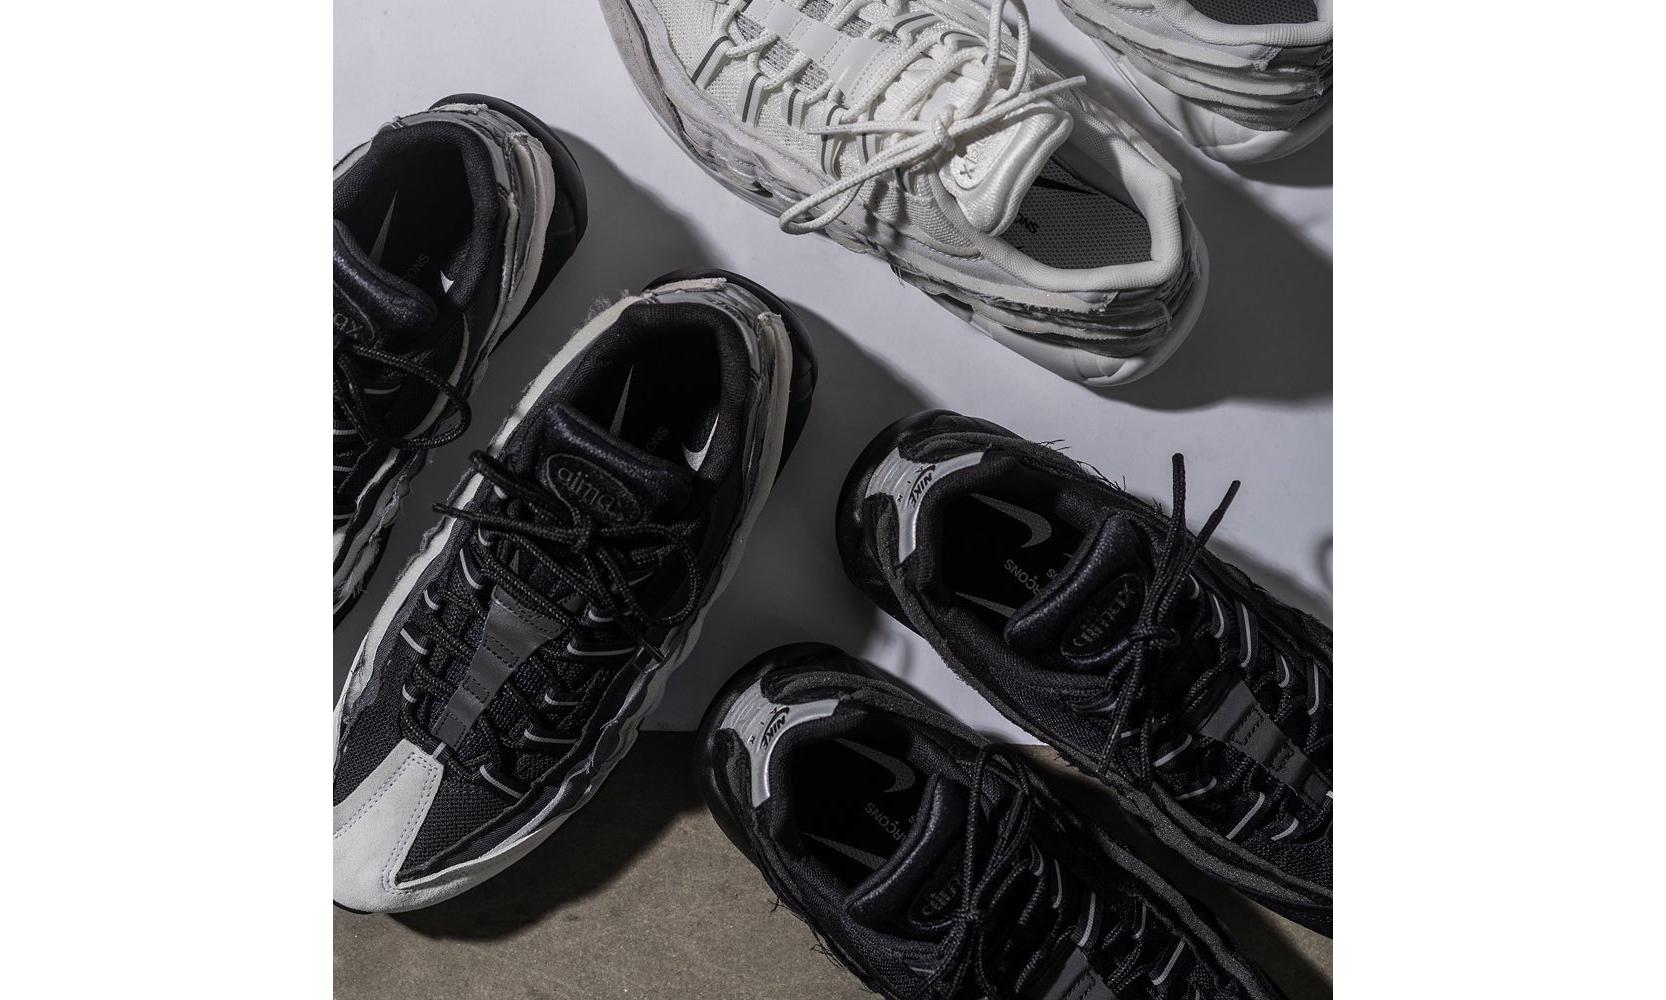 COMME des GARÇONS Homme Plus x Nike Air Max 95 再度迎来发售